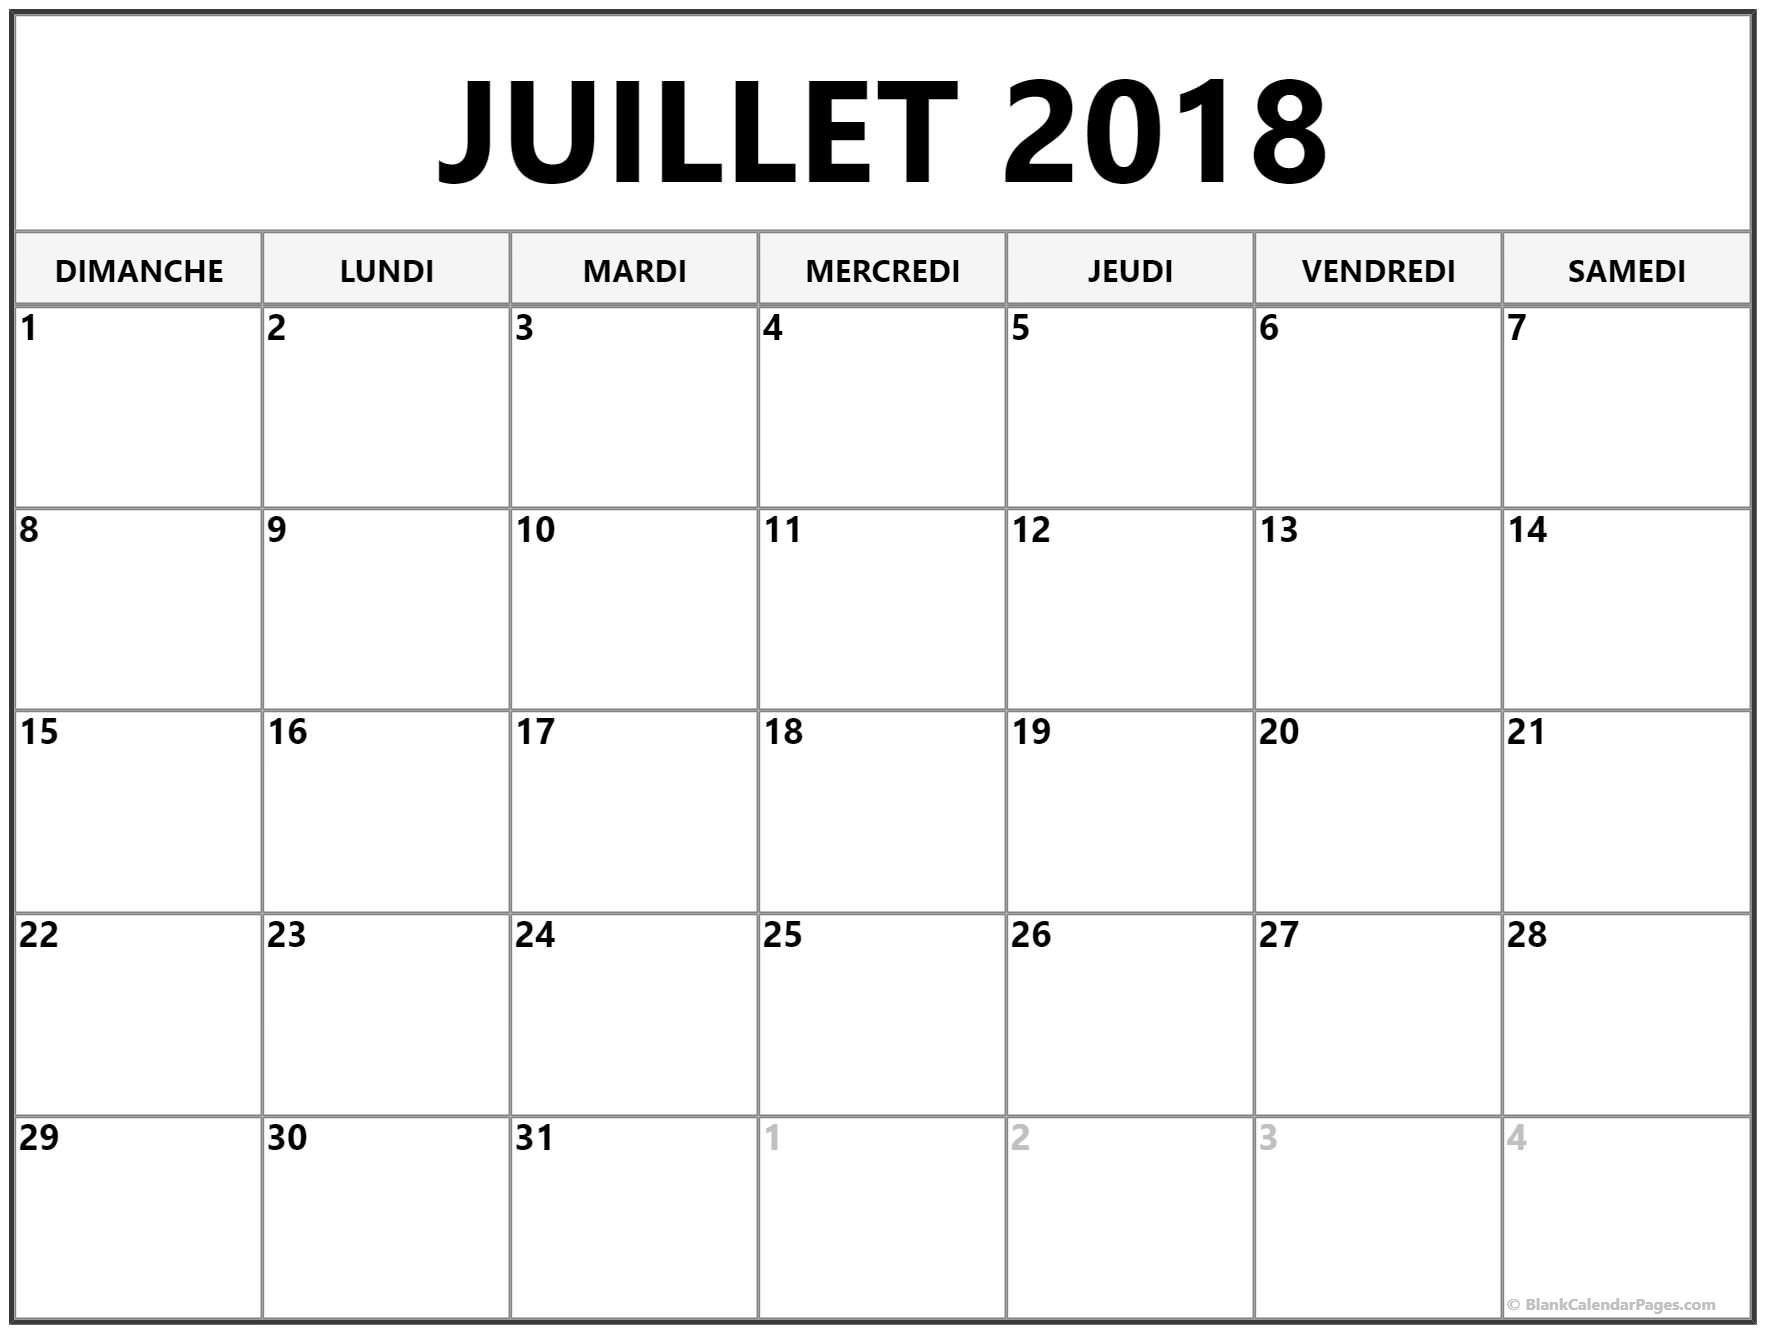 Juillet 2018 calendrier imprimable gratuit